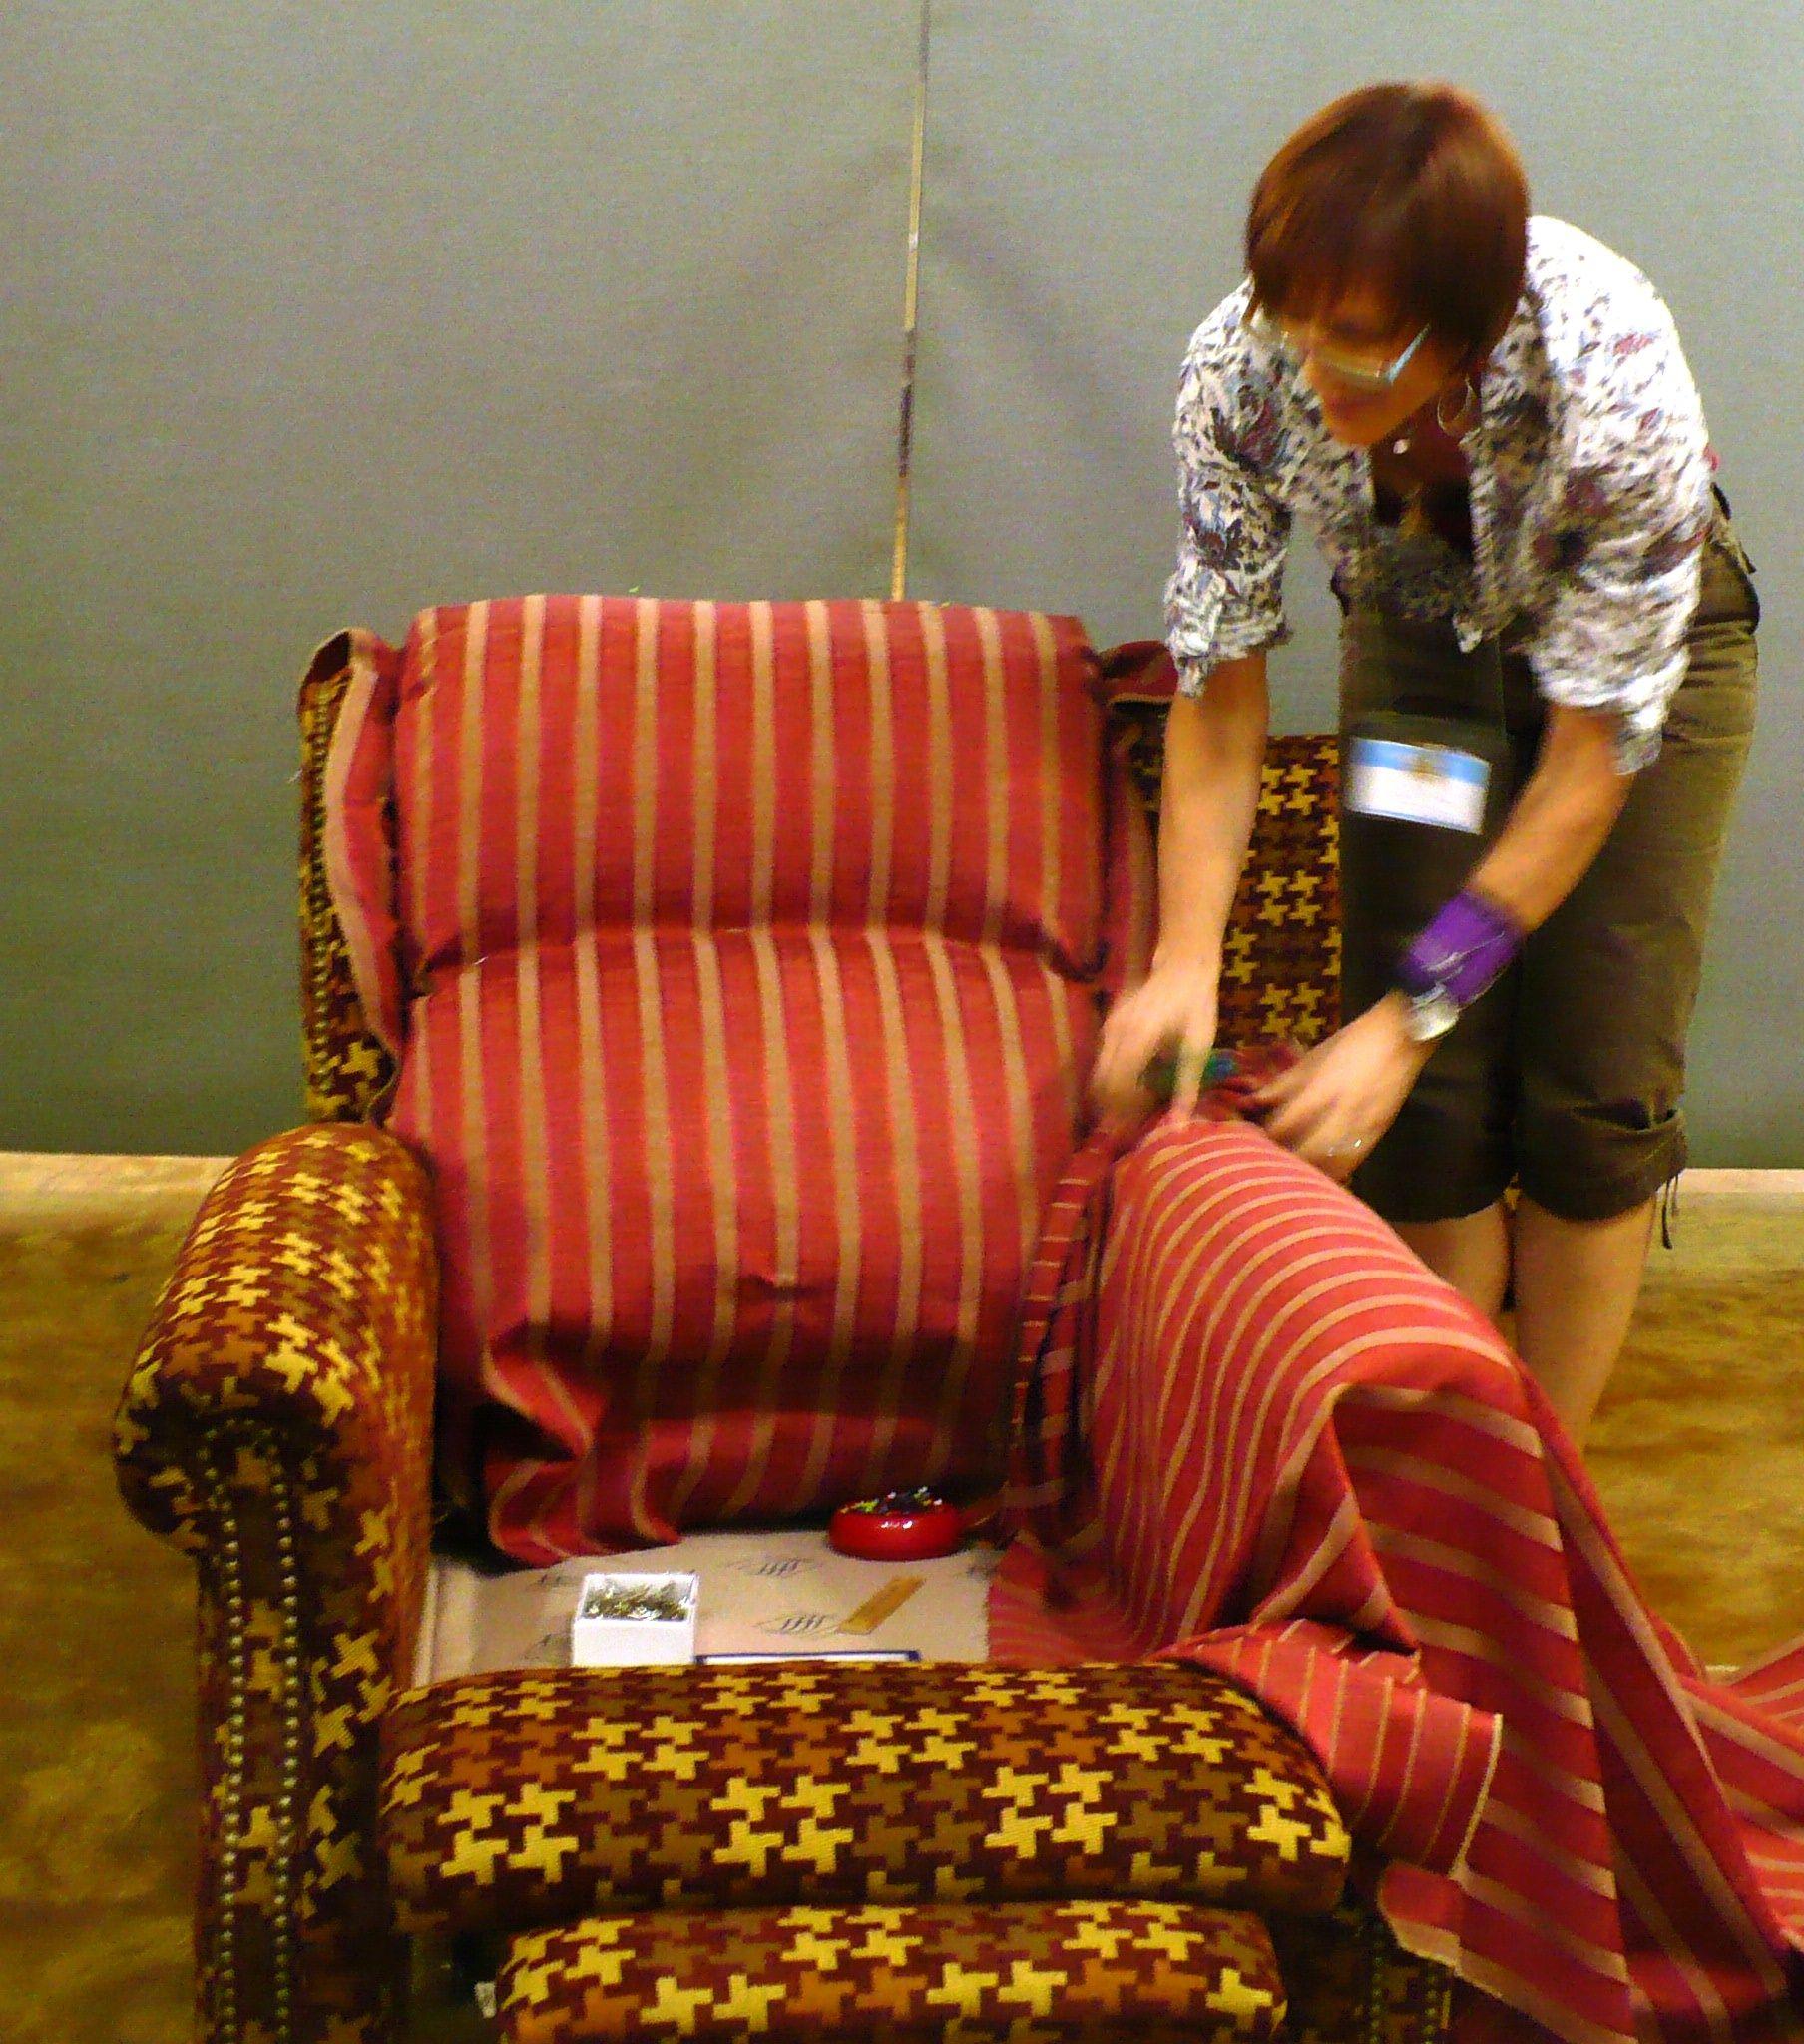 Slipcover for recliner